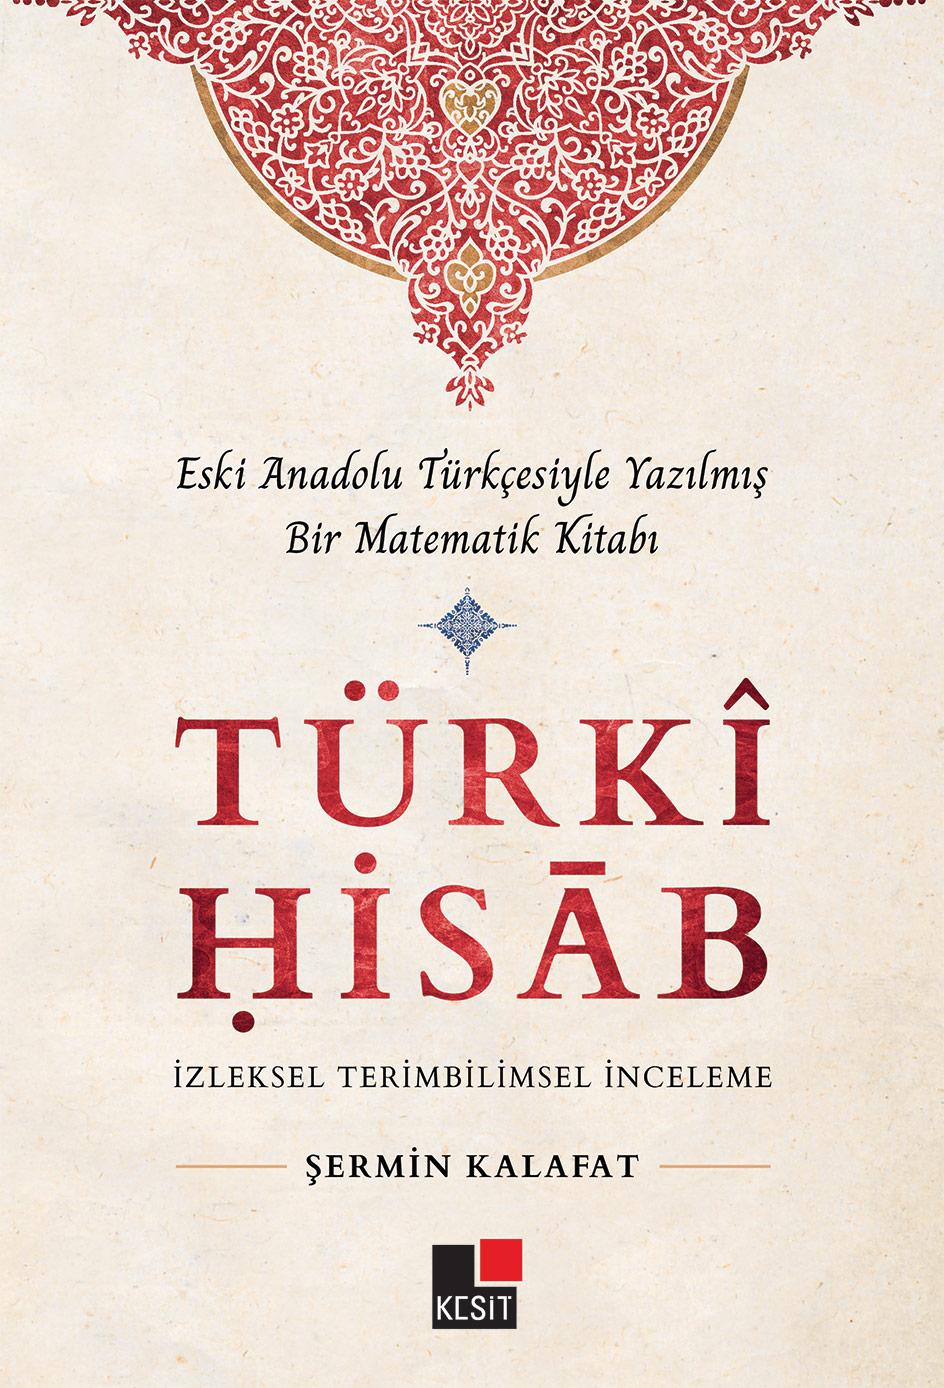 Eski Anadolu Türkçesiyle Yazılmış Bir Matematik Kitabı TÜRKÎ HİSAB